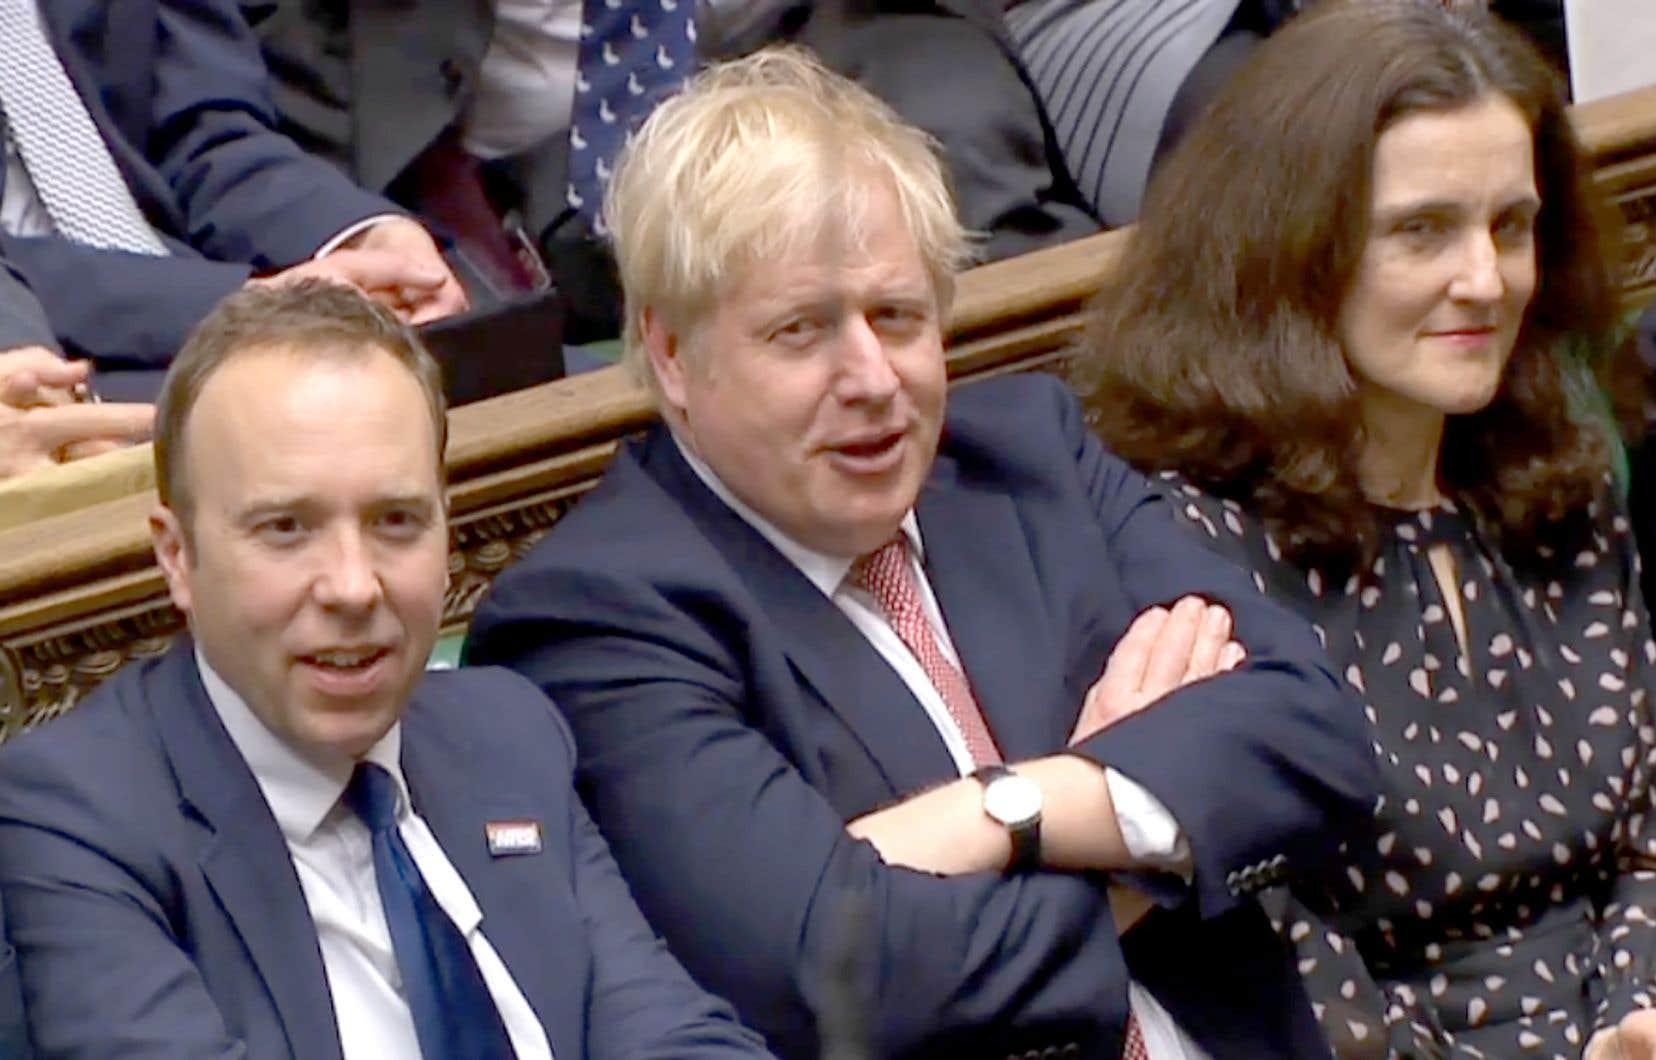 Le premier ministre britannique, Boris Johnson, affichait un air satisfait, jeudi, après le vote du Parlement sur le Brexit.